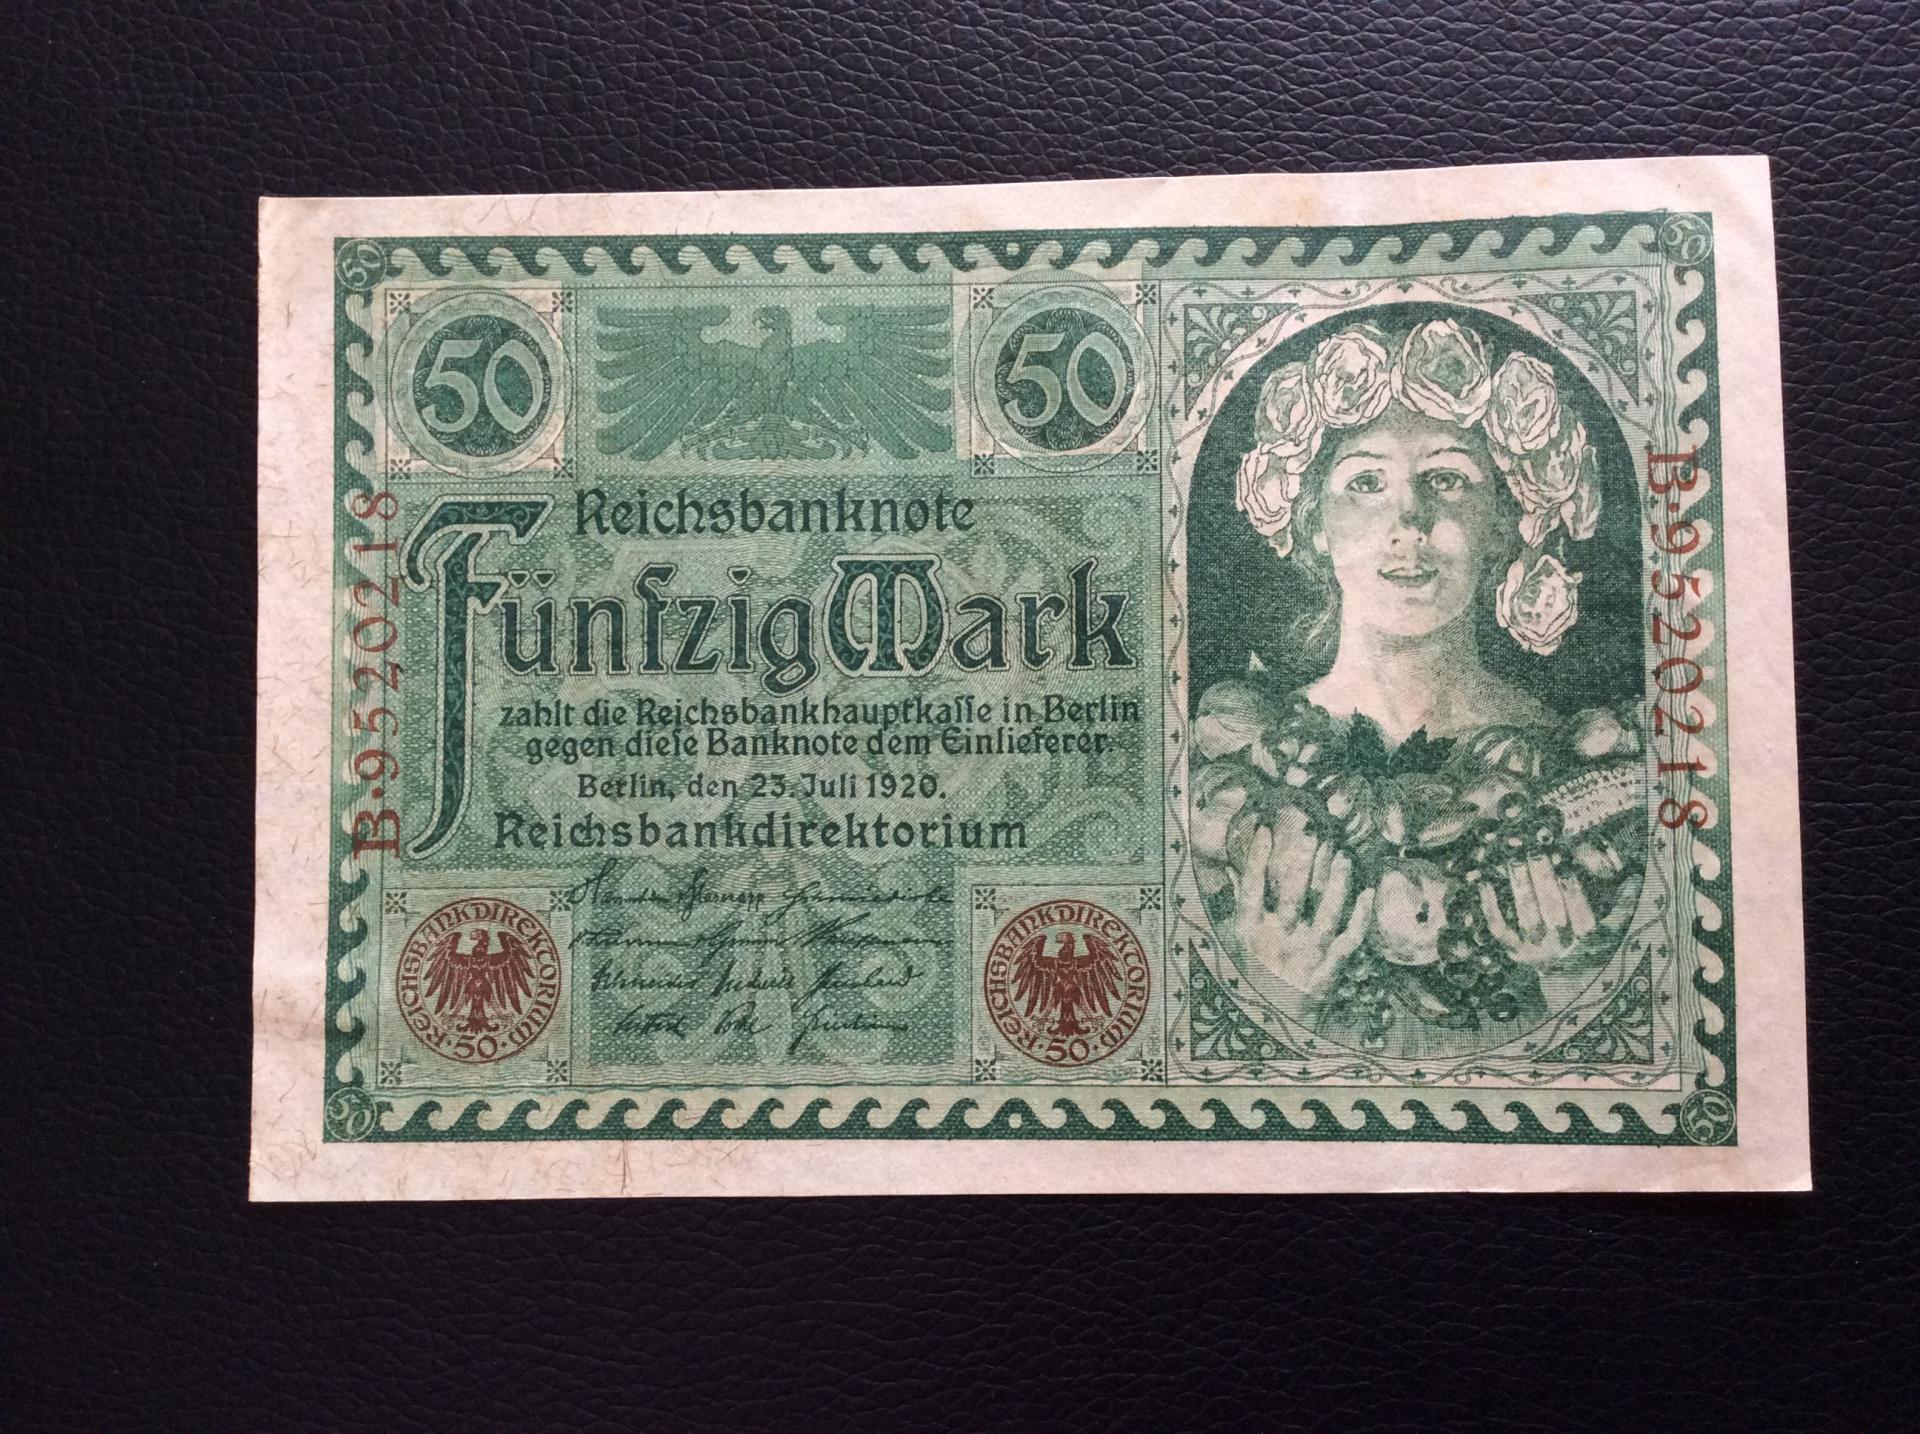 50 MARK 1920 - BERLÍN ALEMANIA - REICHSBANKNOTE